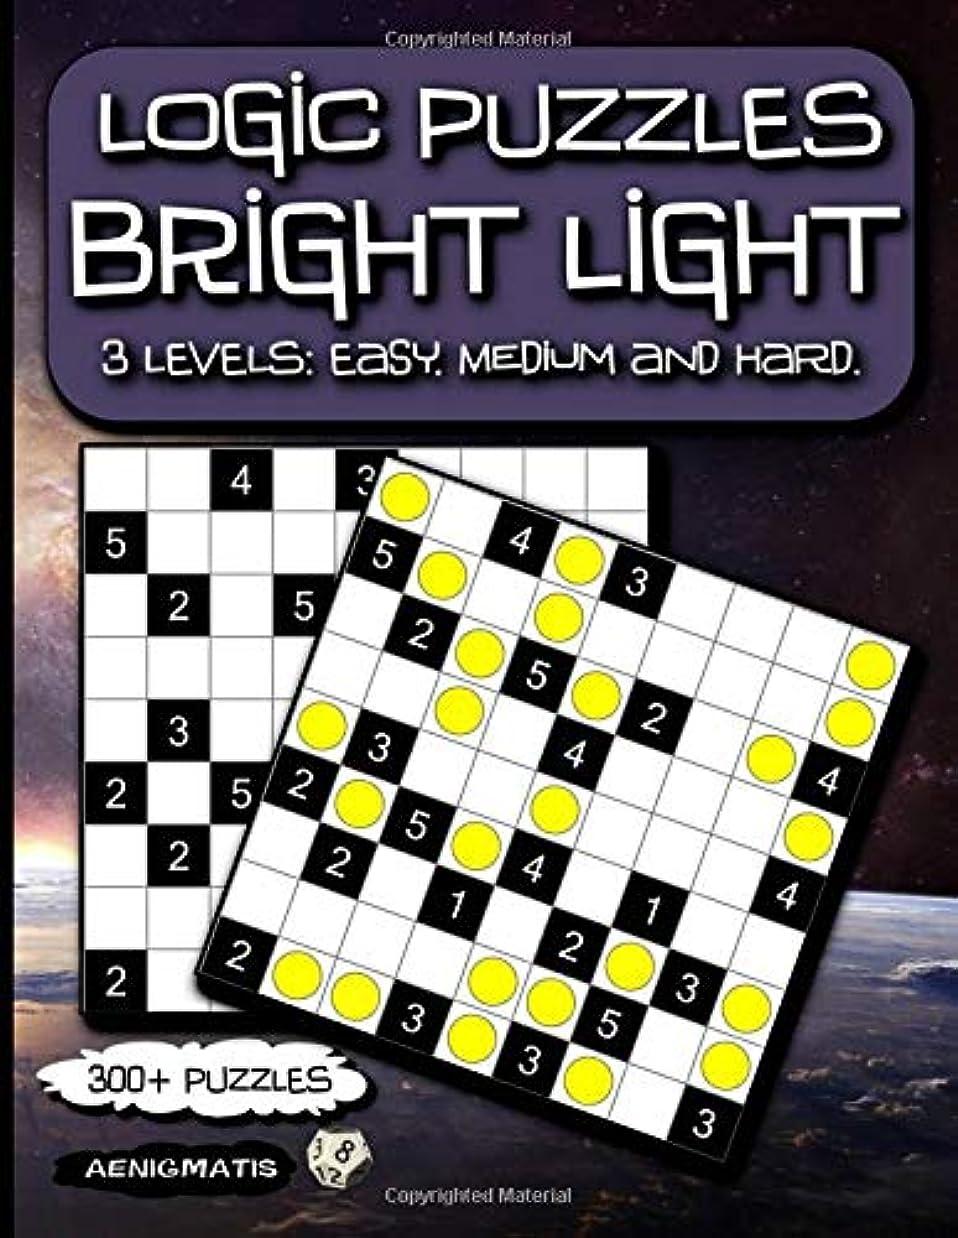 太陽発掘規則性Logic Puzzles Bright Light: 3 Levels: Easy, Medium and Hard.